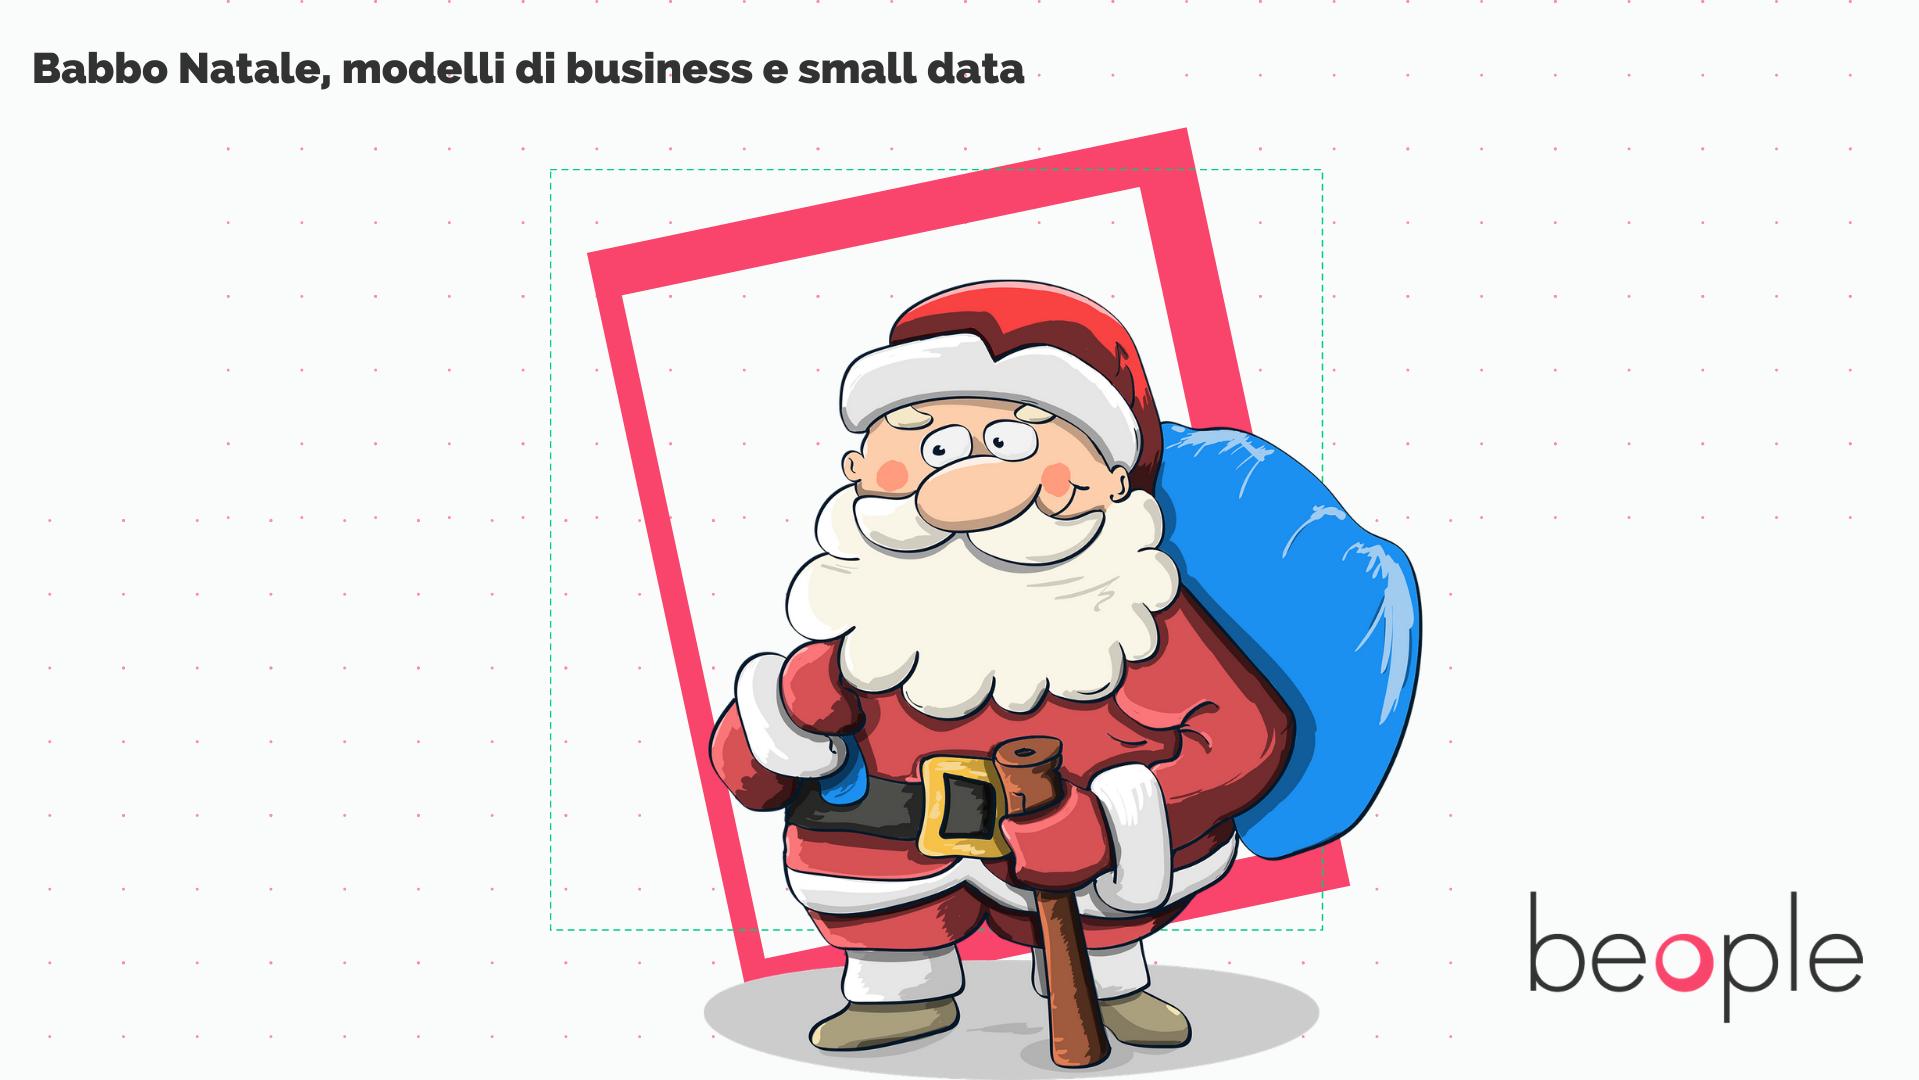 Bambini Babbo Natale Disegno.Babbo Natale Modelli Di Business E Small Data Articoli